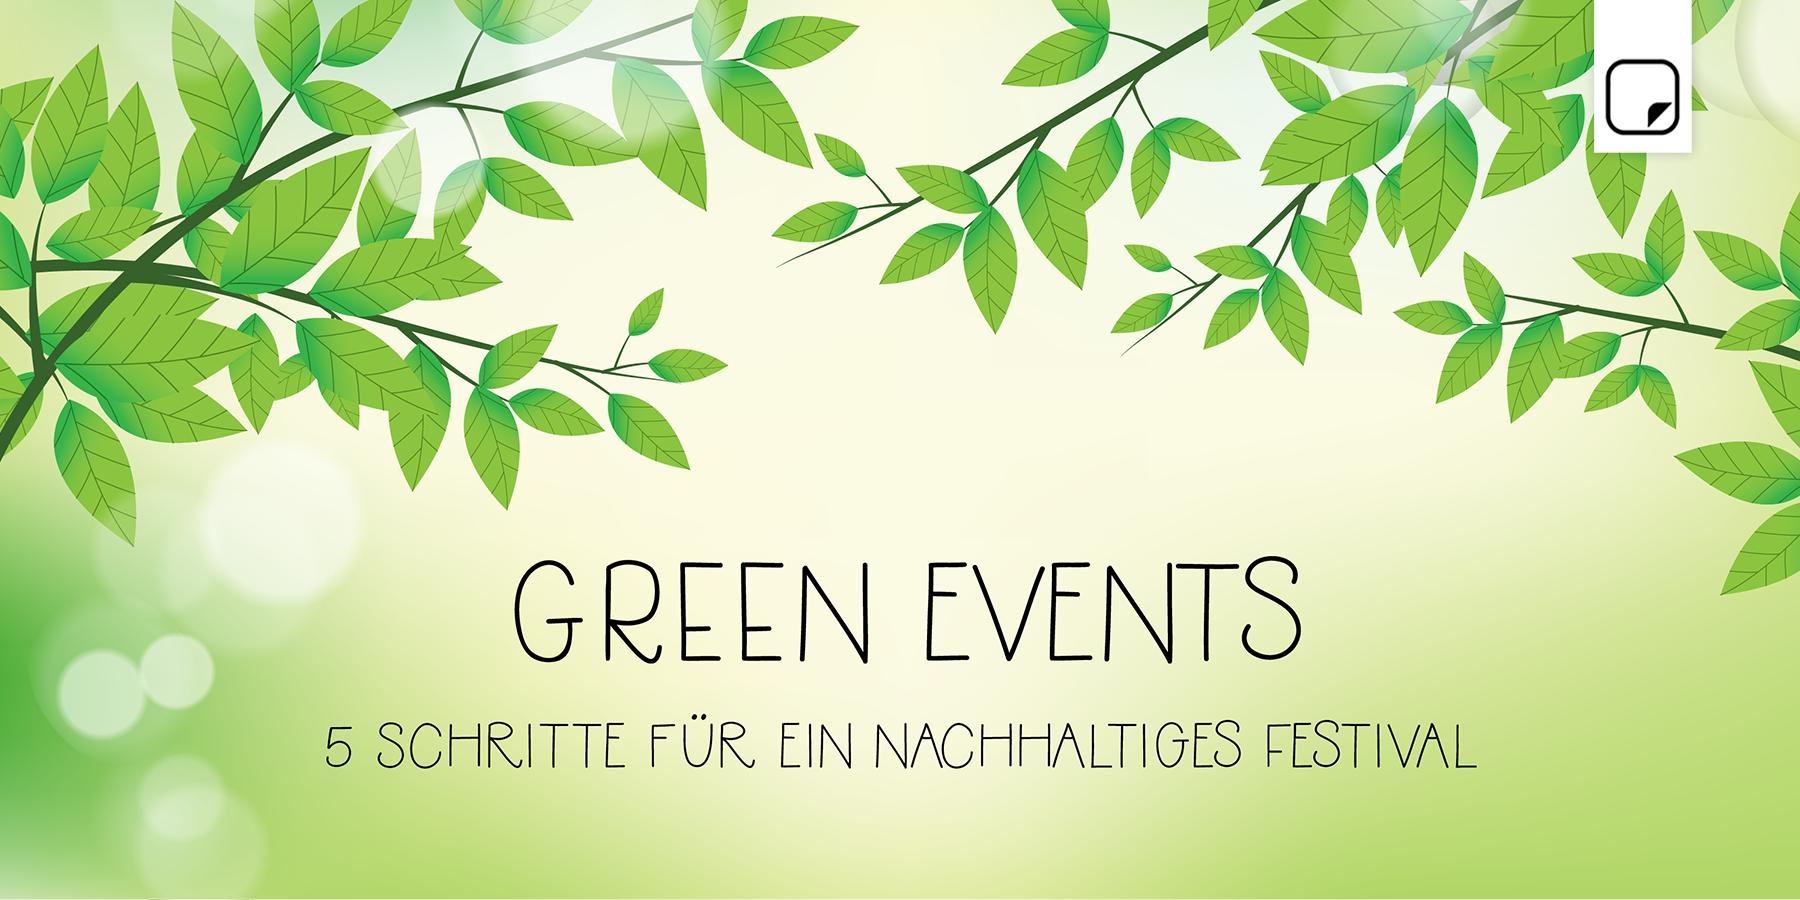 Green Events:5 Schritte für ein nachhaltiges Festival